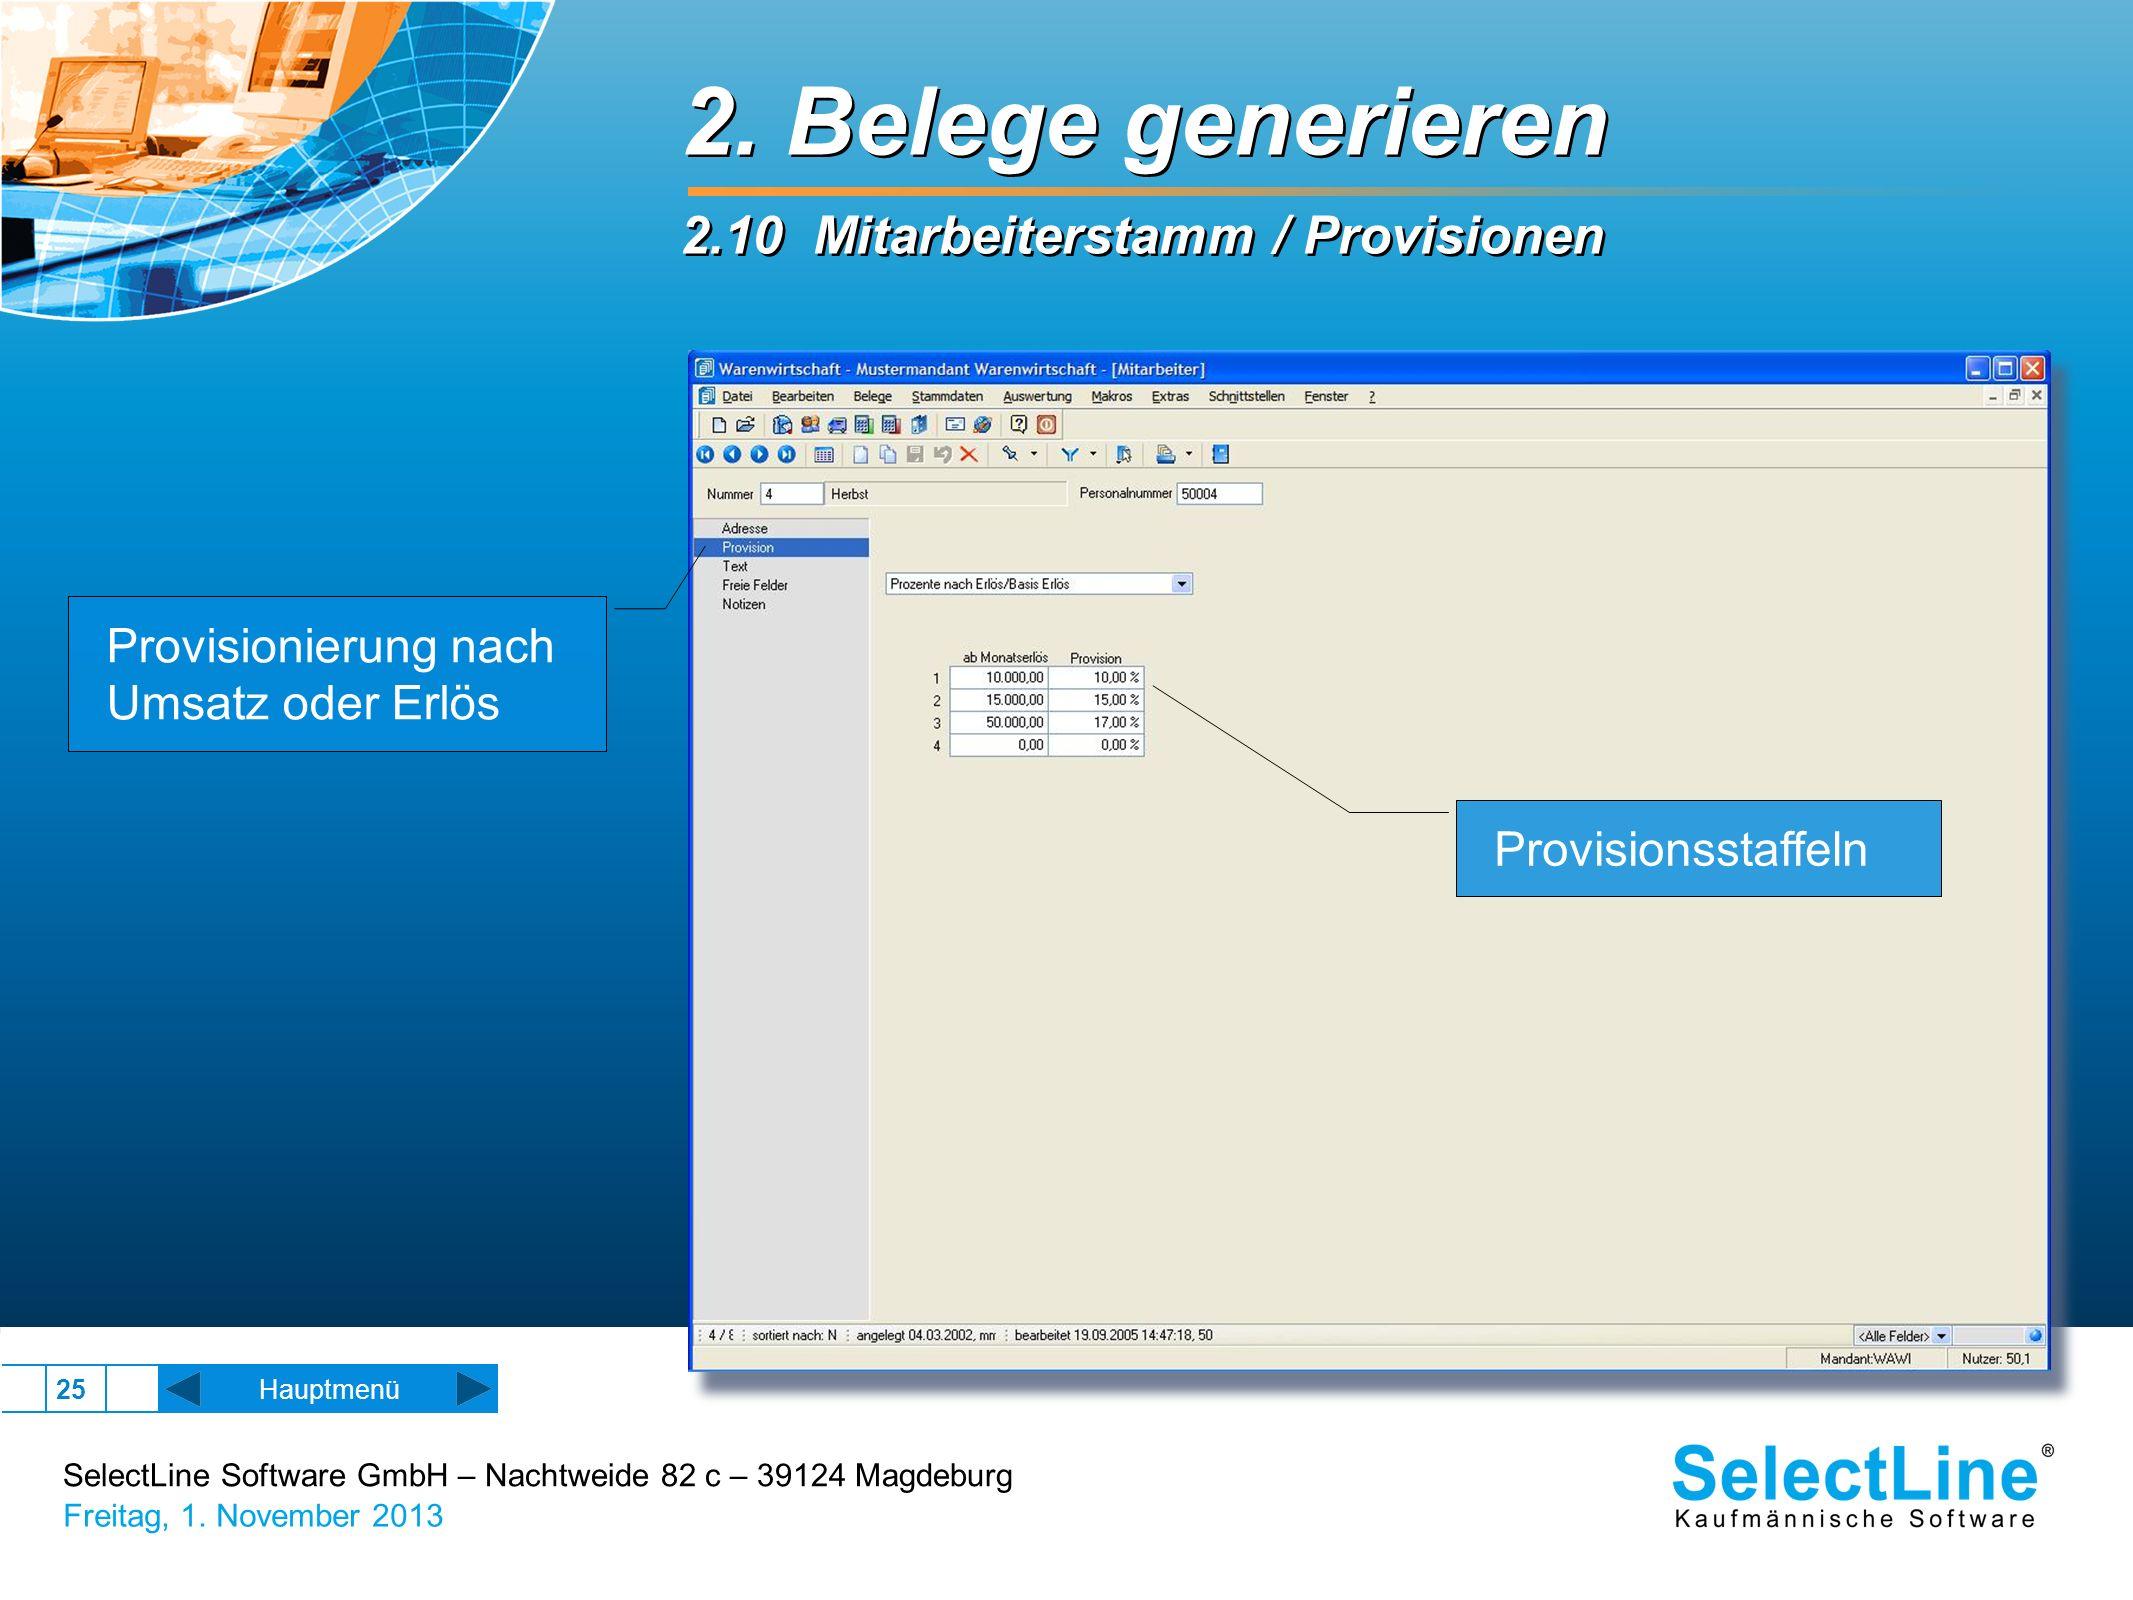 SelectLine Software GmbH – Nachtweide 82 c – 39124 Magdeburg Freitag, 1. November 2013 25 2. Belege generieren 2.10 Mitarbeiterstamm / Provisionen 2.